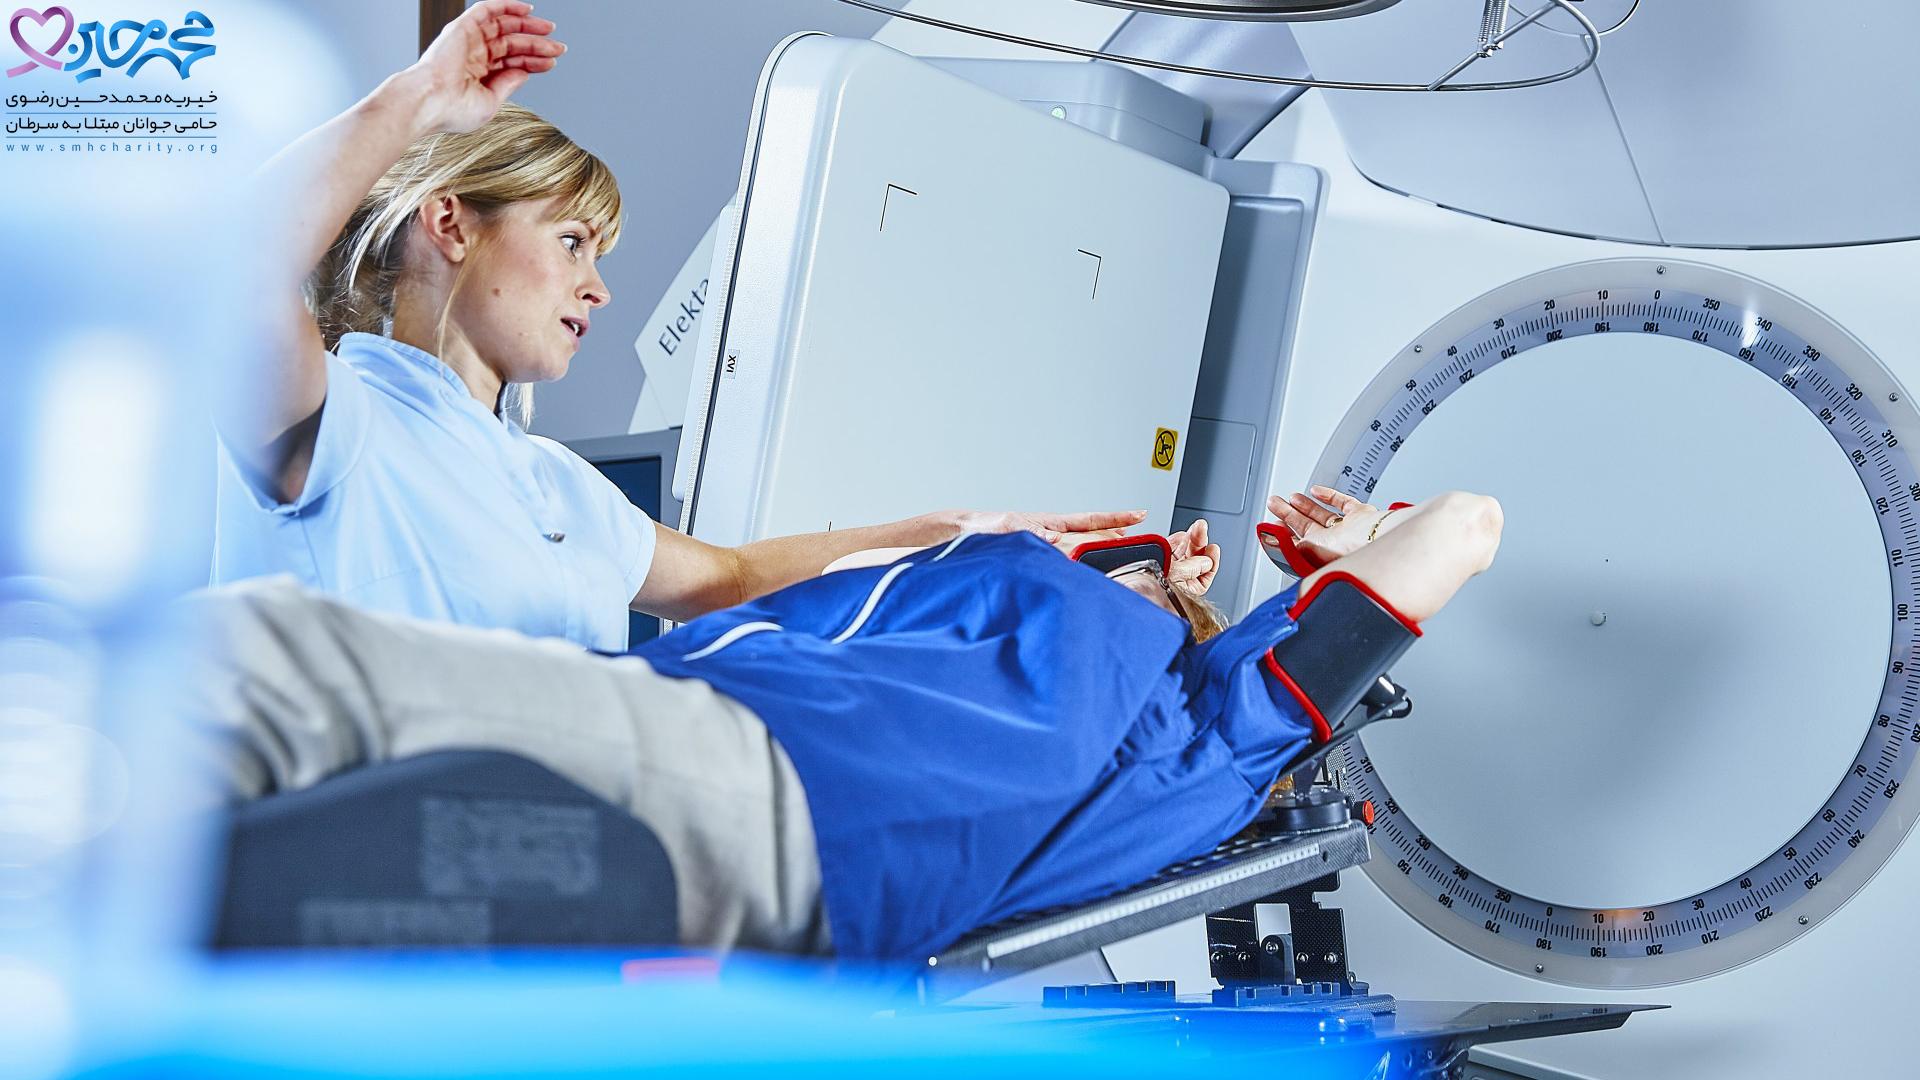 انواع درمان به روش رادیوتراپی